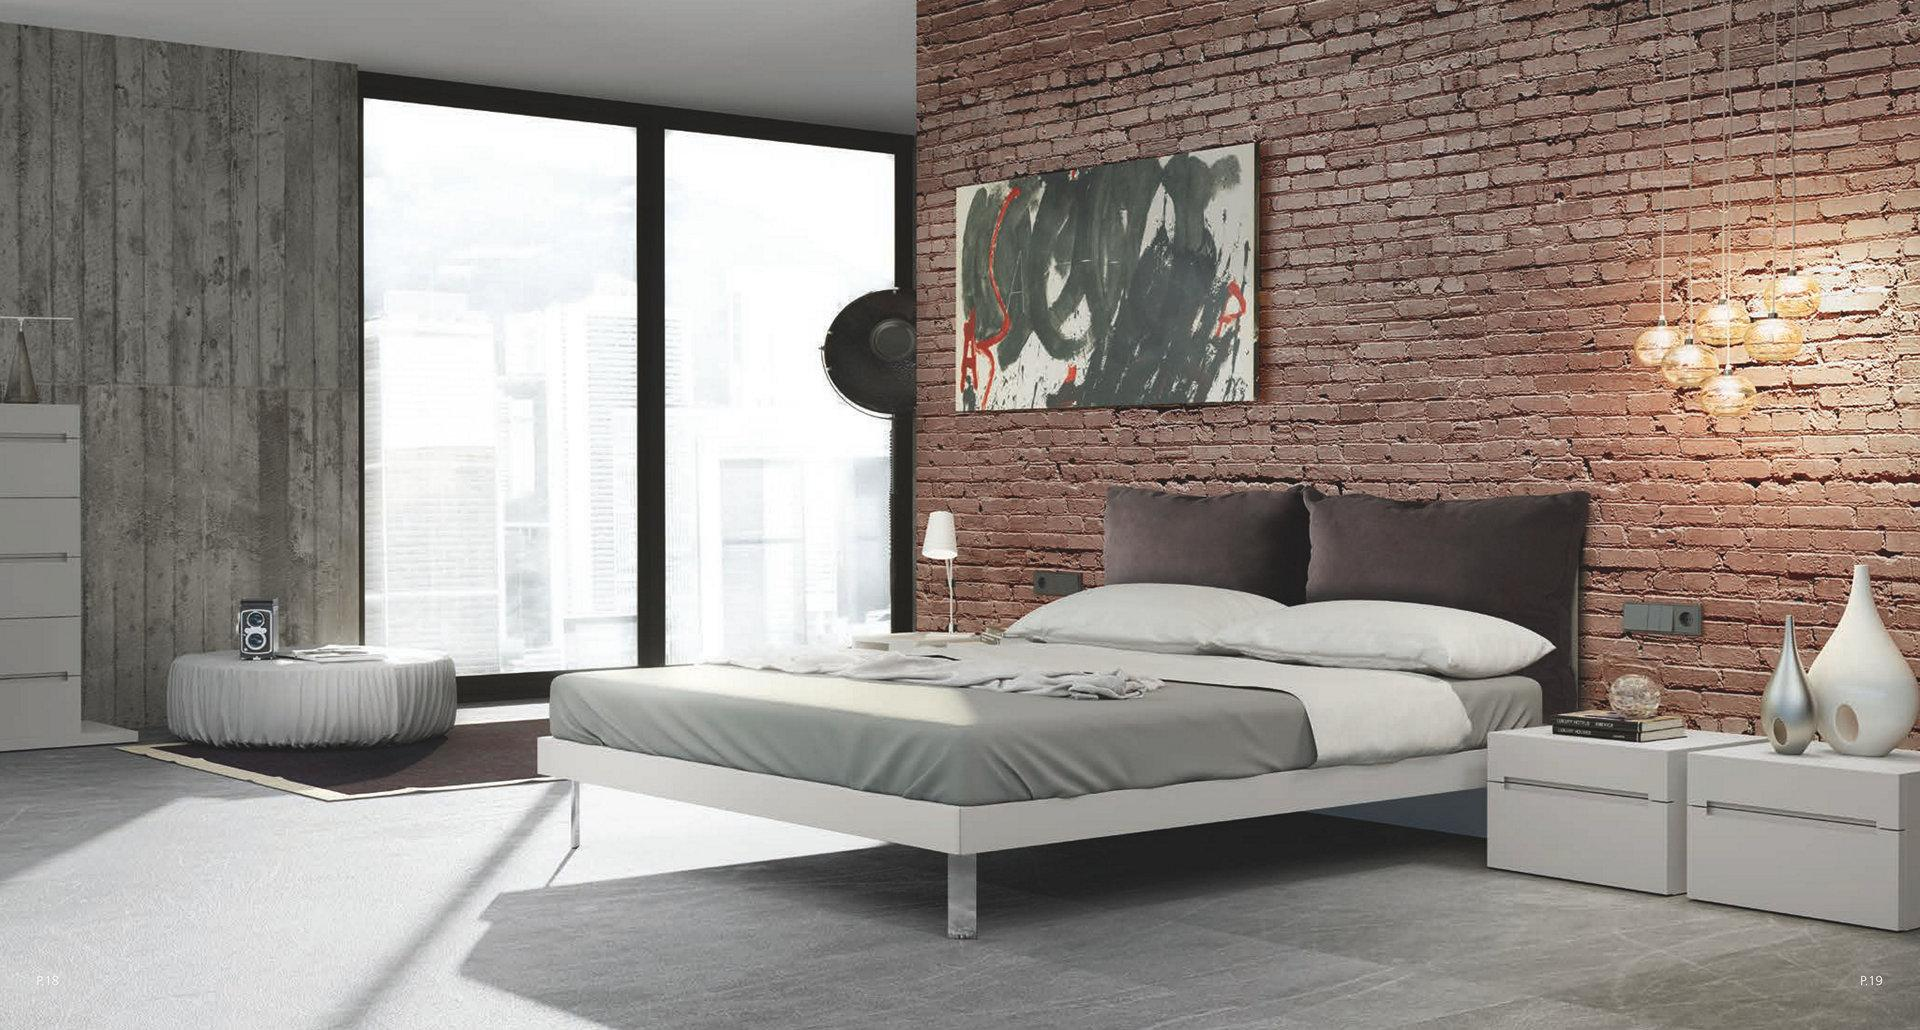 Decoraci n rafael caballero dormitorios modernos for Interiores de dormitorios modernos